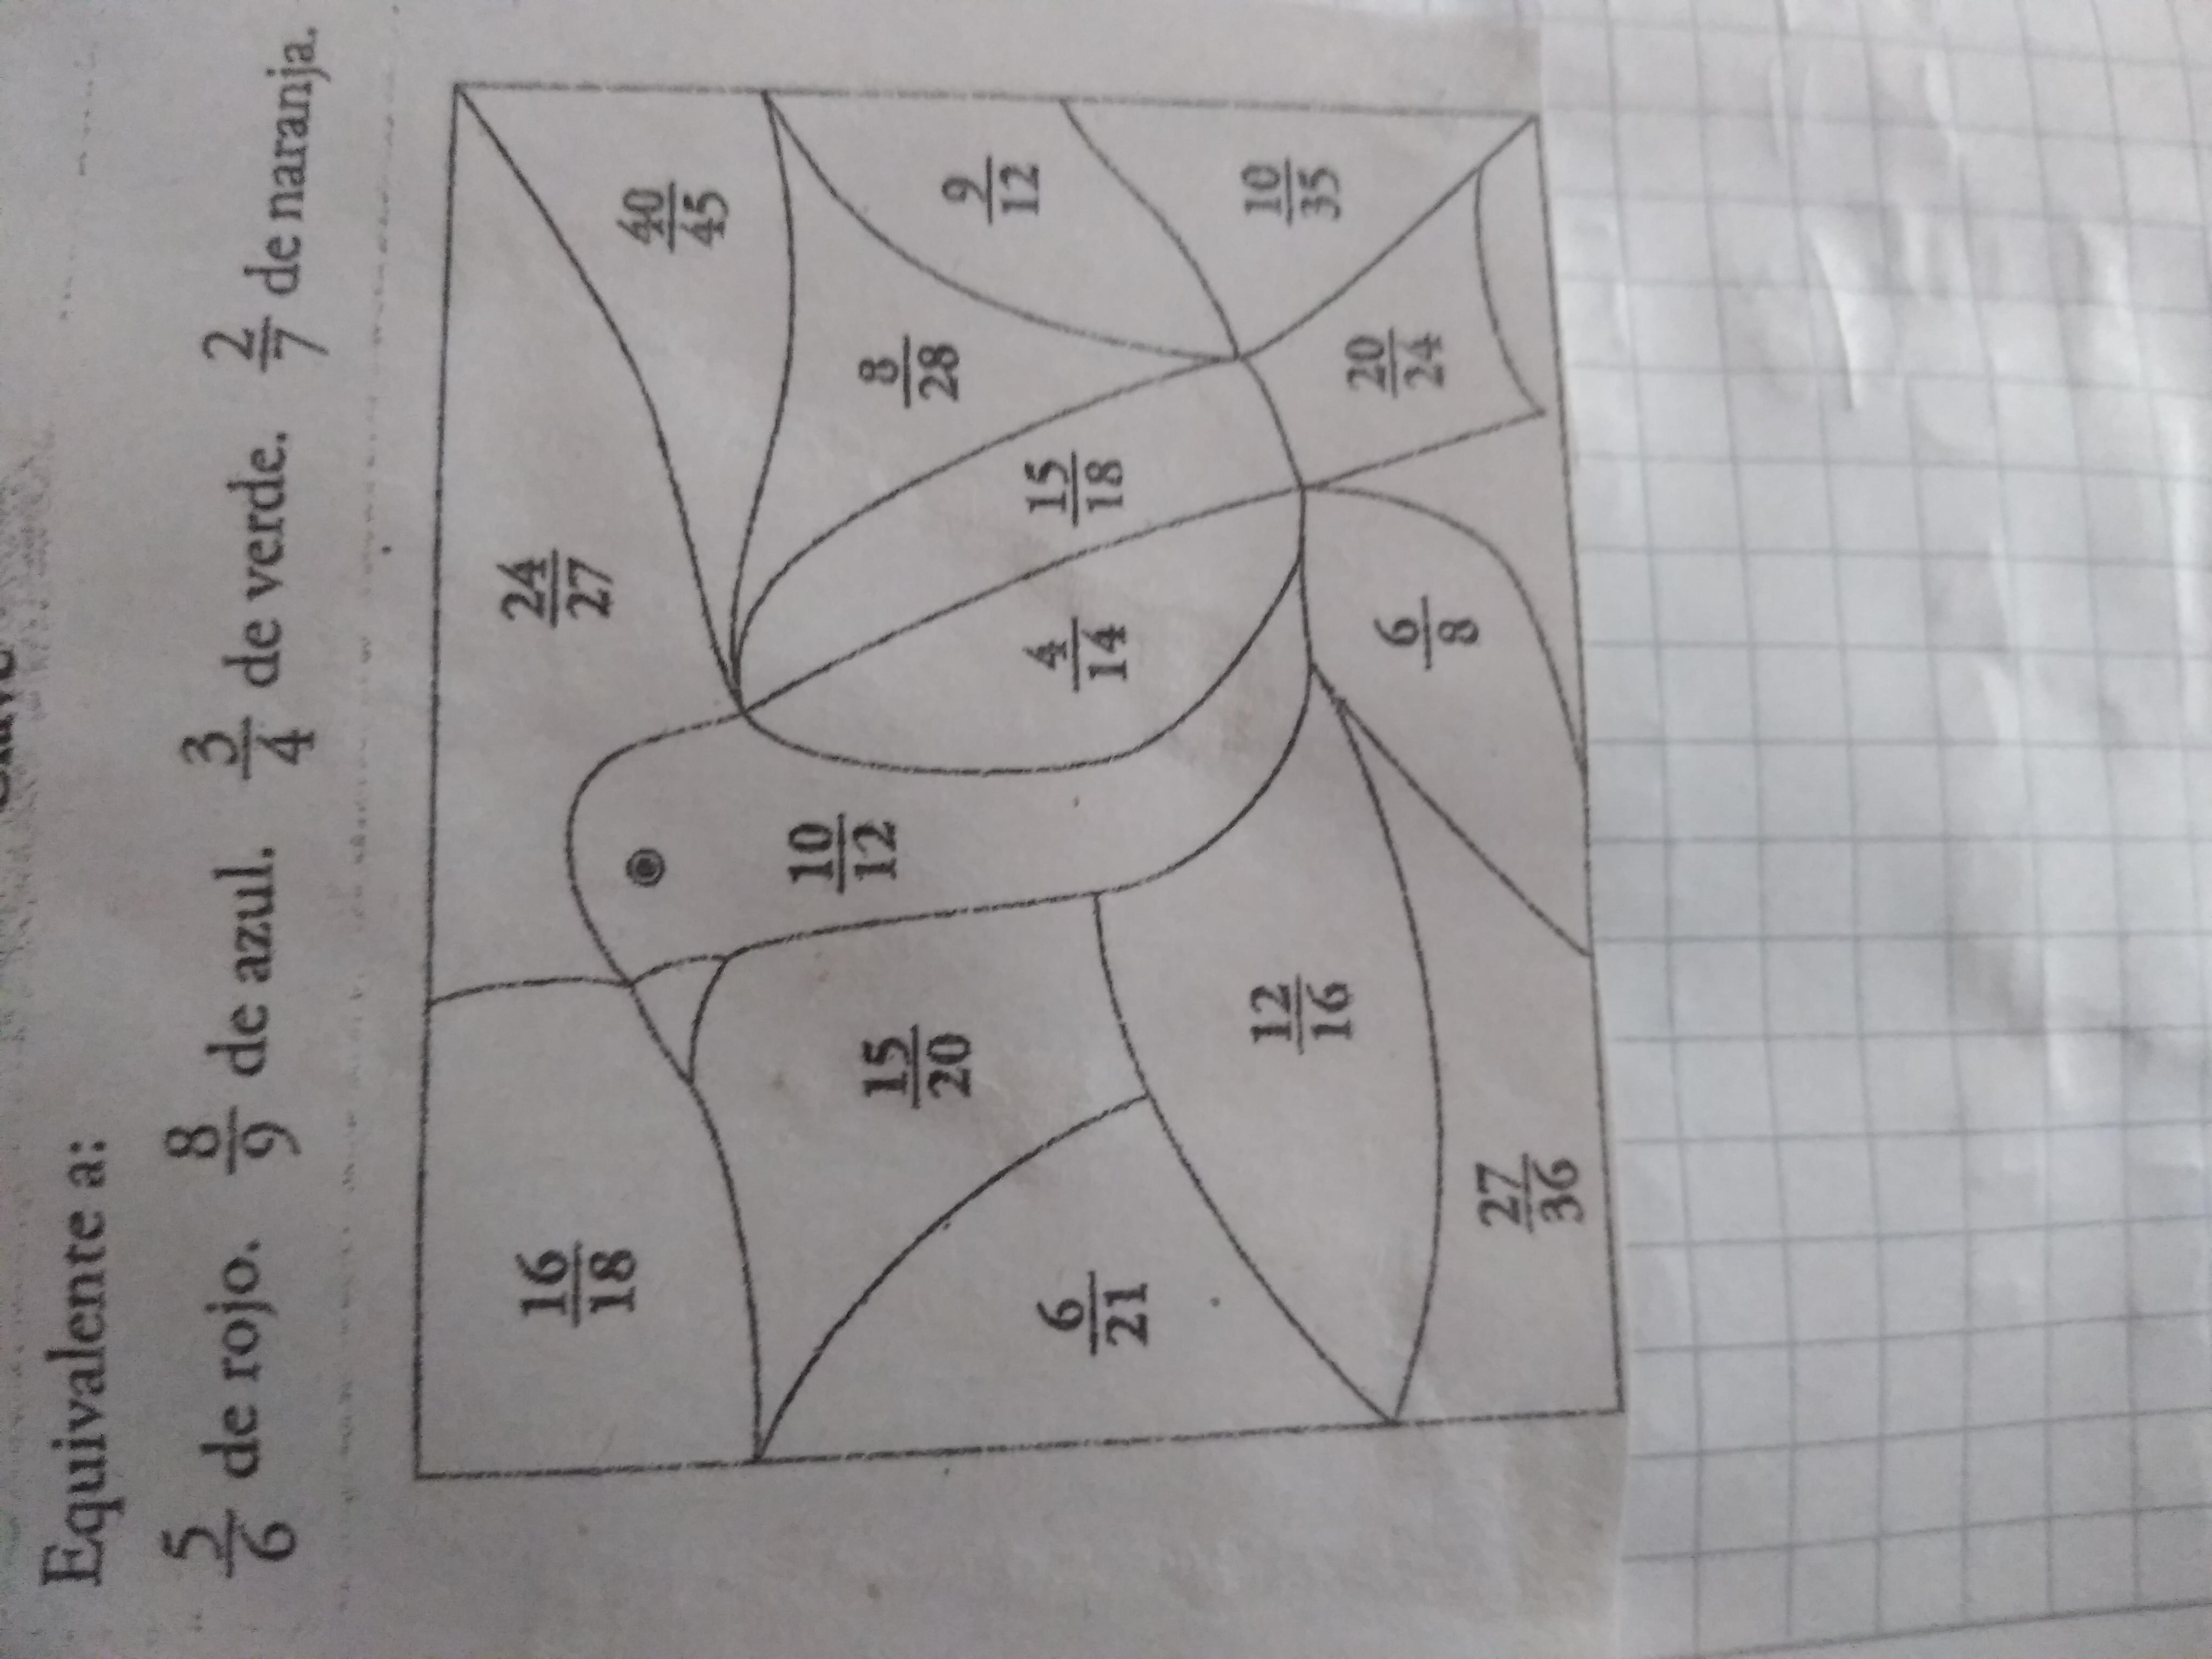 Colorea Las Fracciones Equivalentes A Las Fracciones Dadas